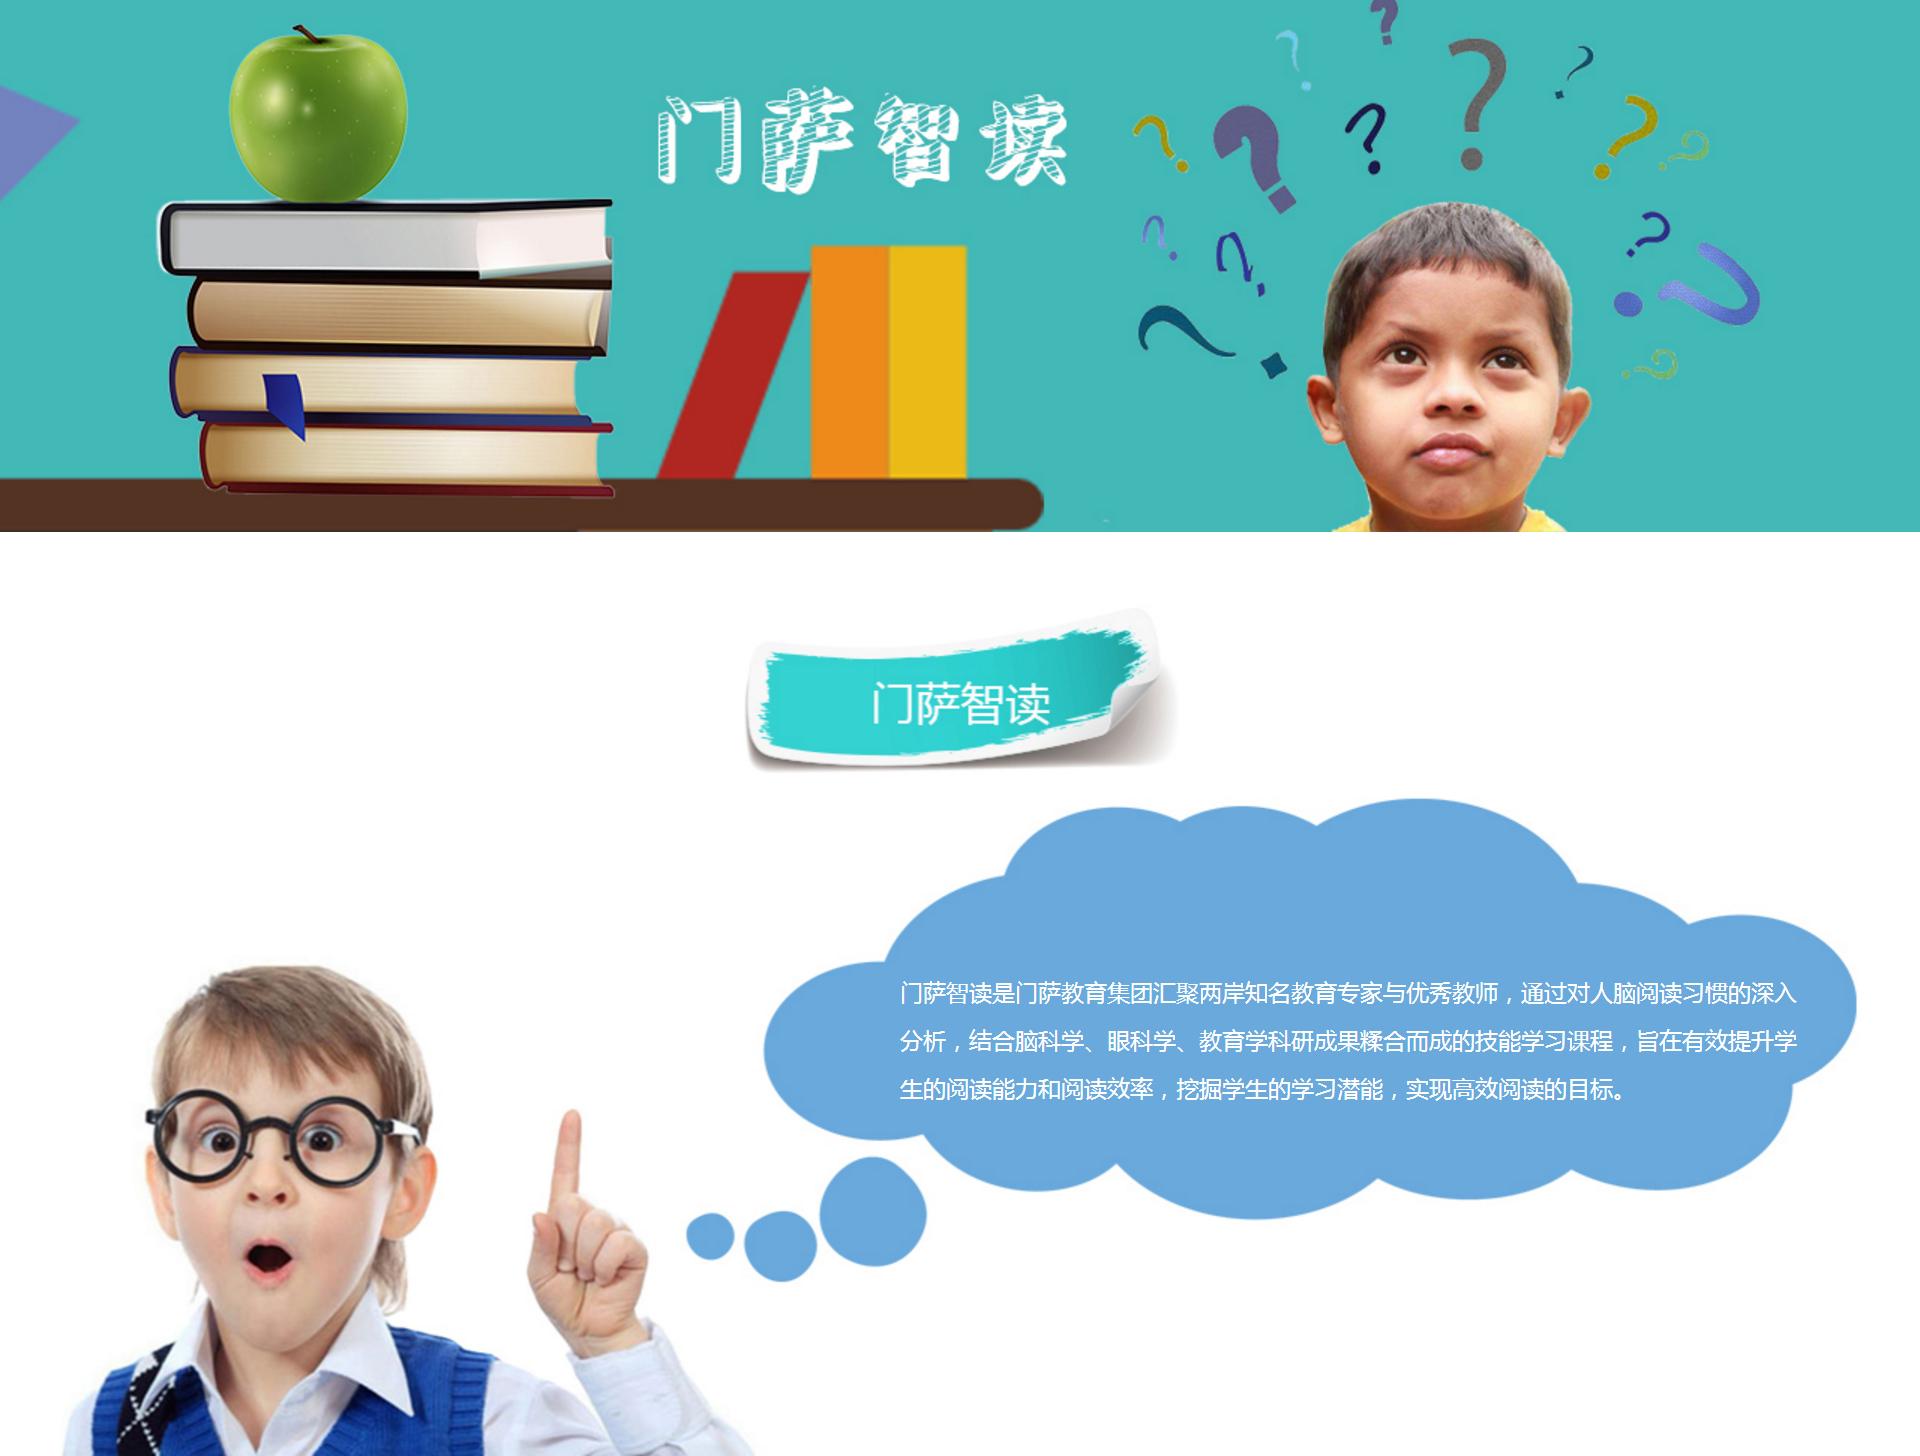 课程中心-_-门萨智读_门萨教育官网_01.jpg